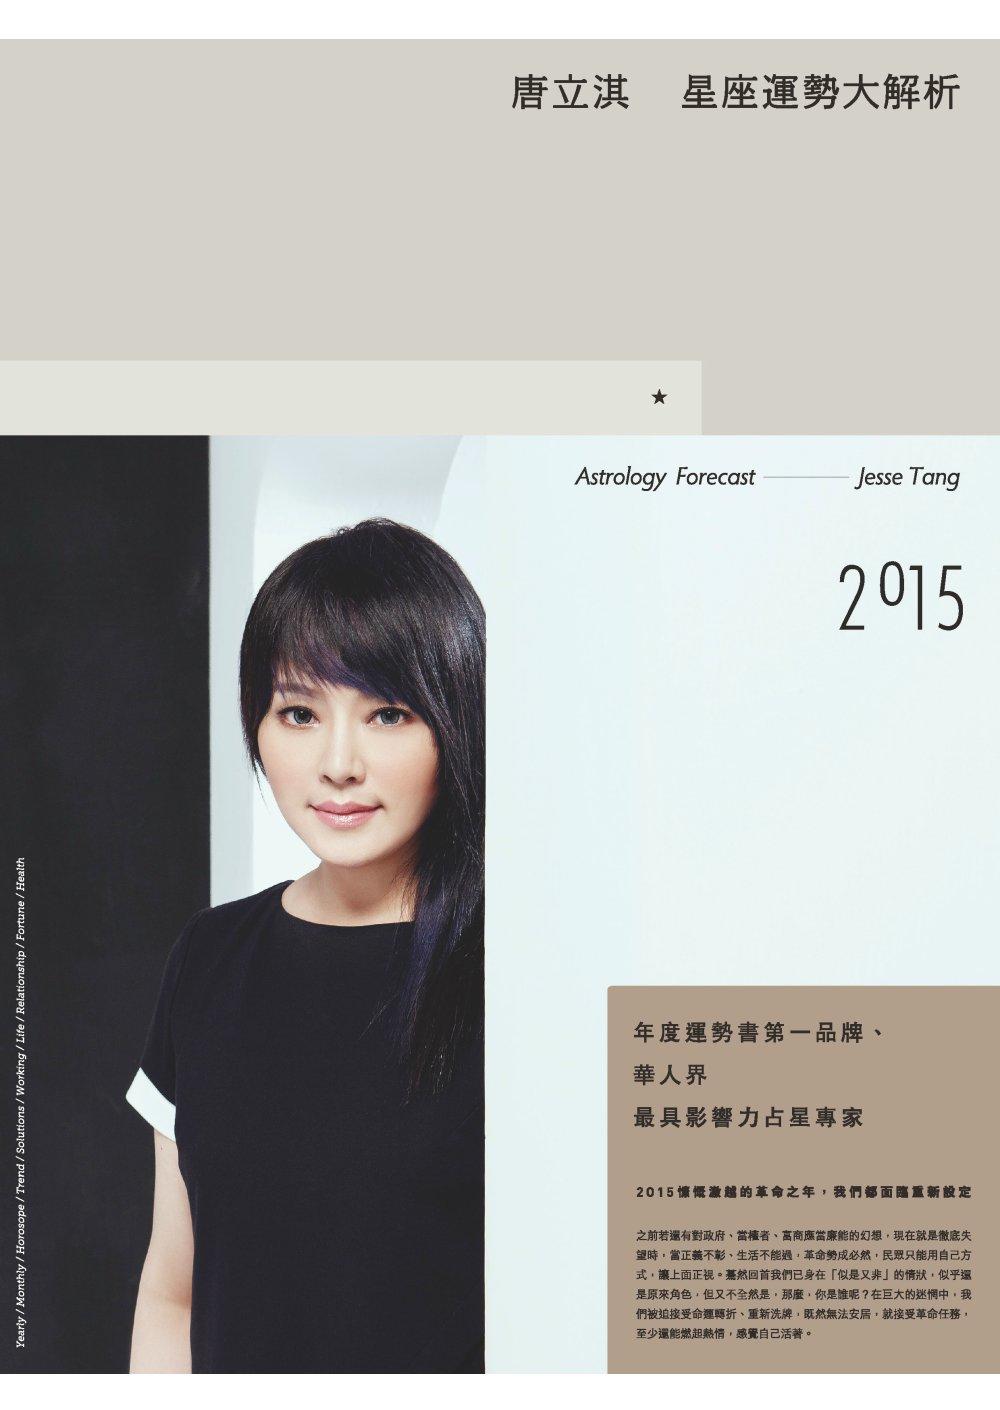 2015唐立淇星座運勢大解析(簽名版)